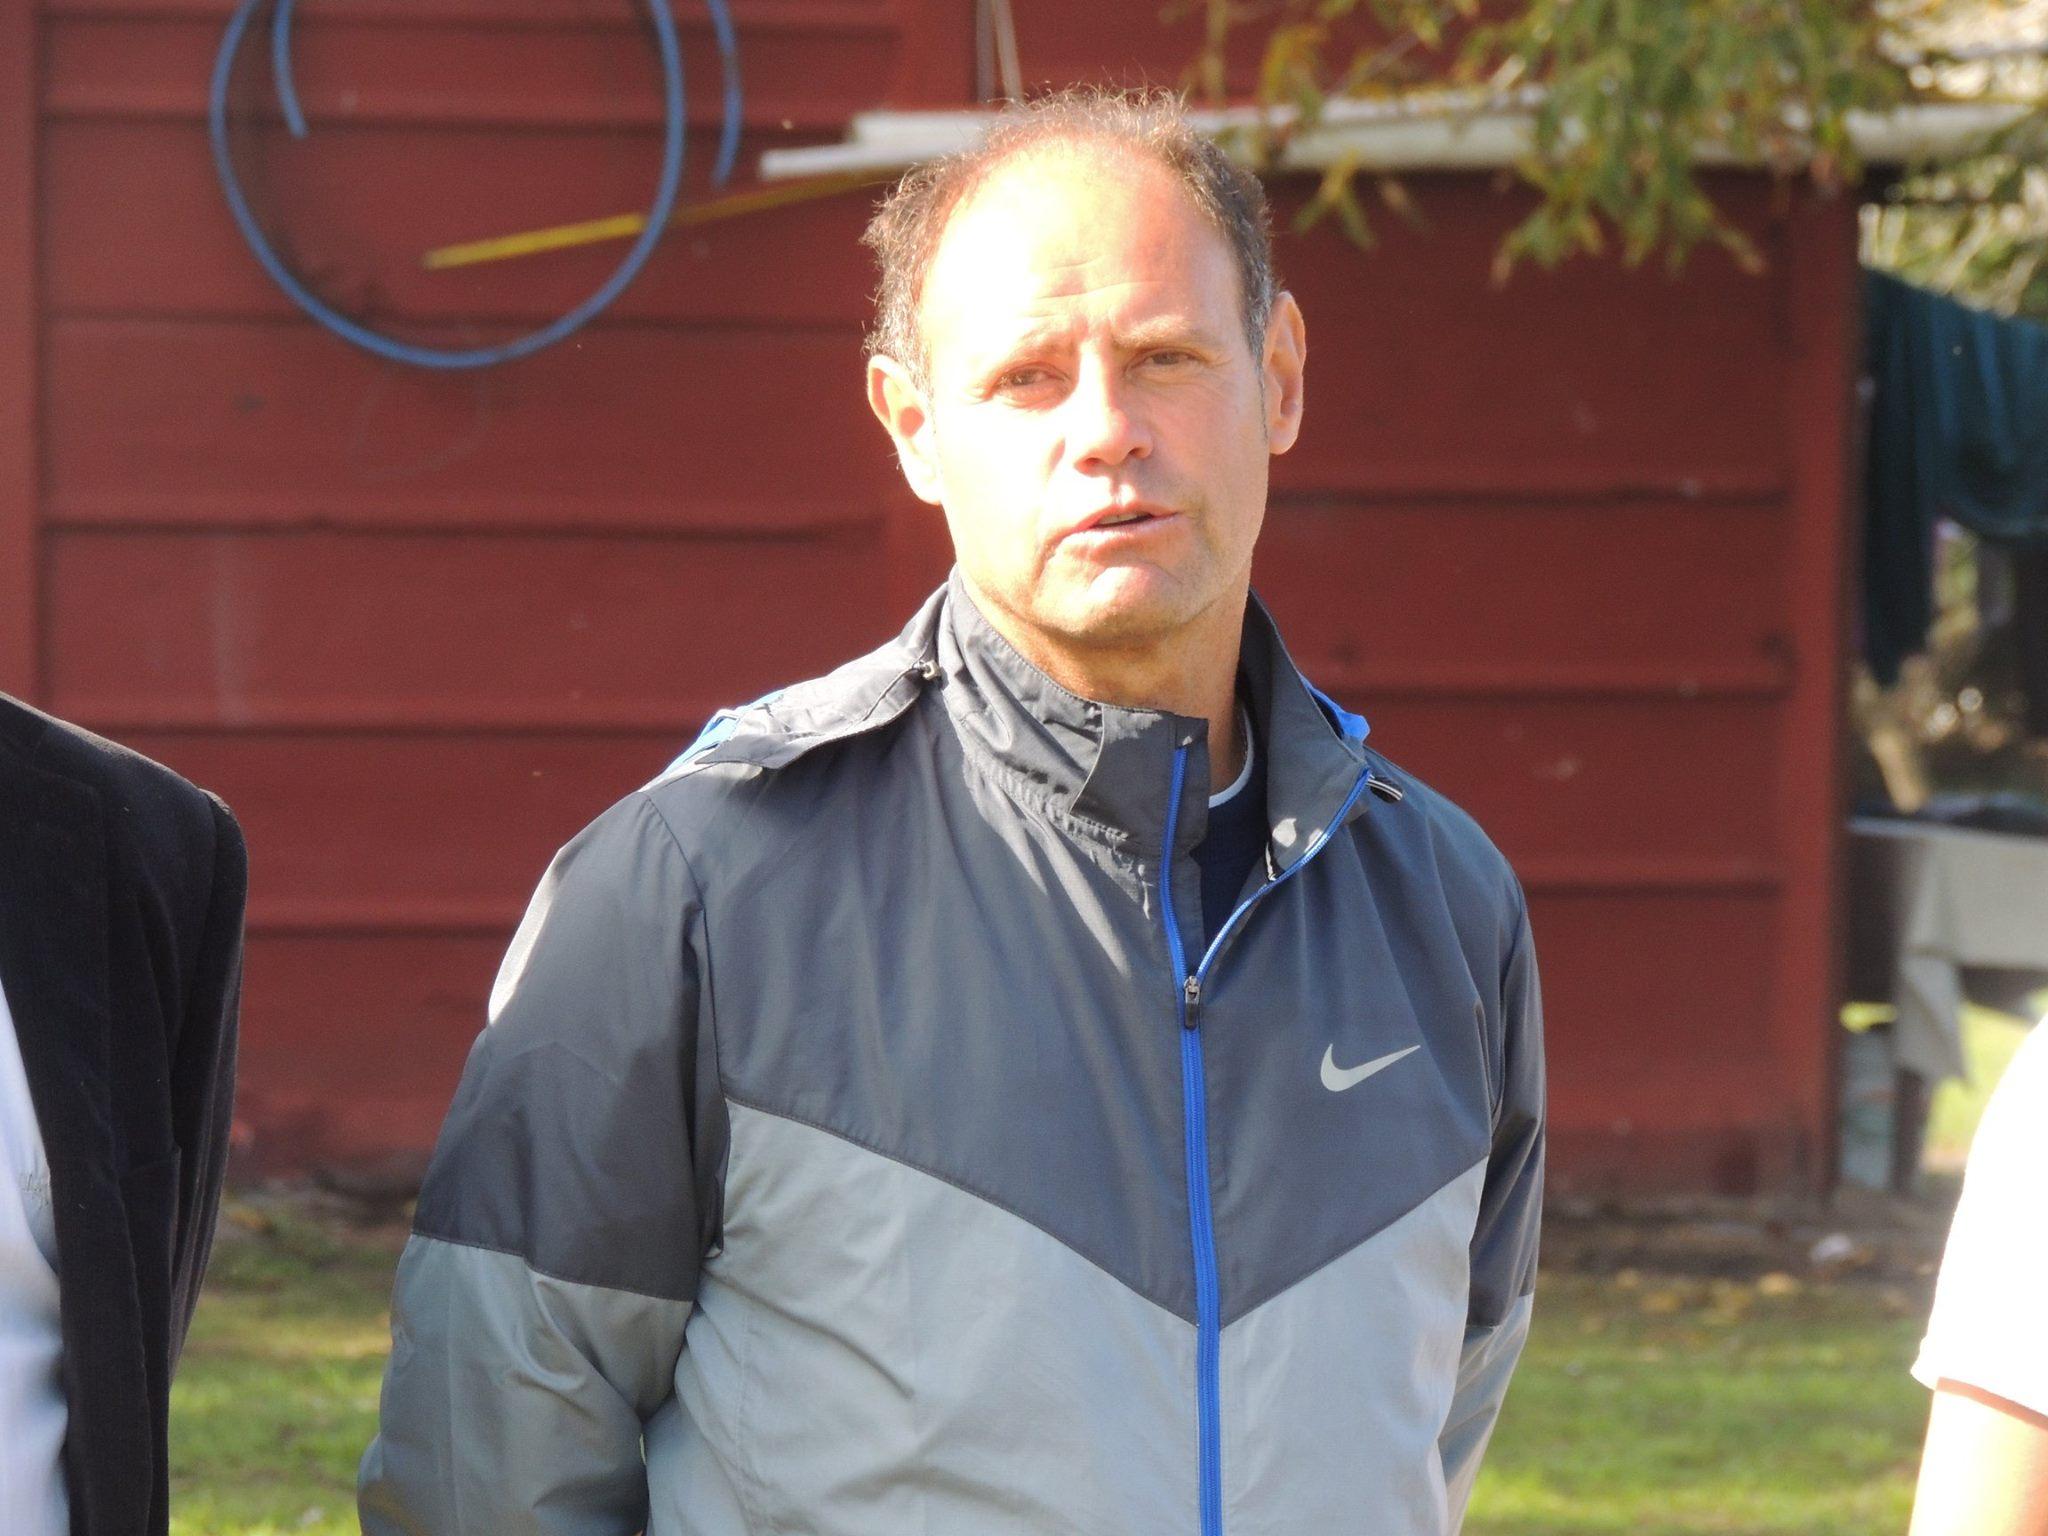 El entrenador de Alvarado, Duilio Botella, analizó el triunfo de su equipo. (Foto: Florencia Arroyos)